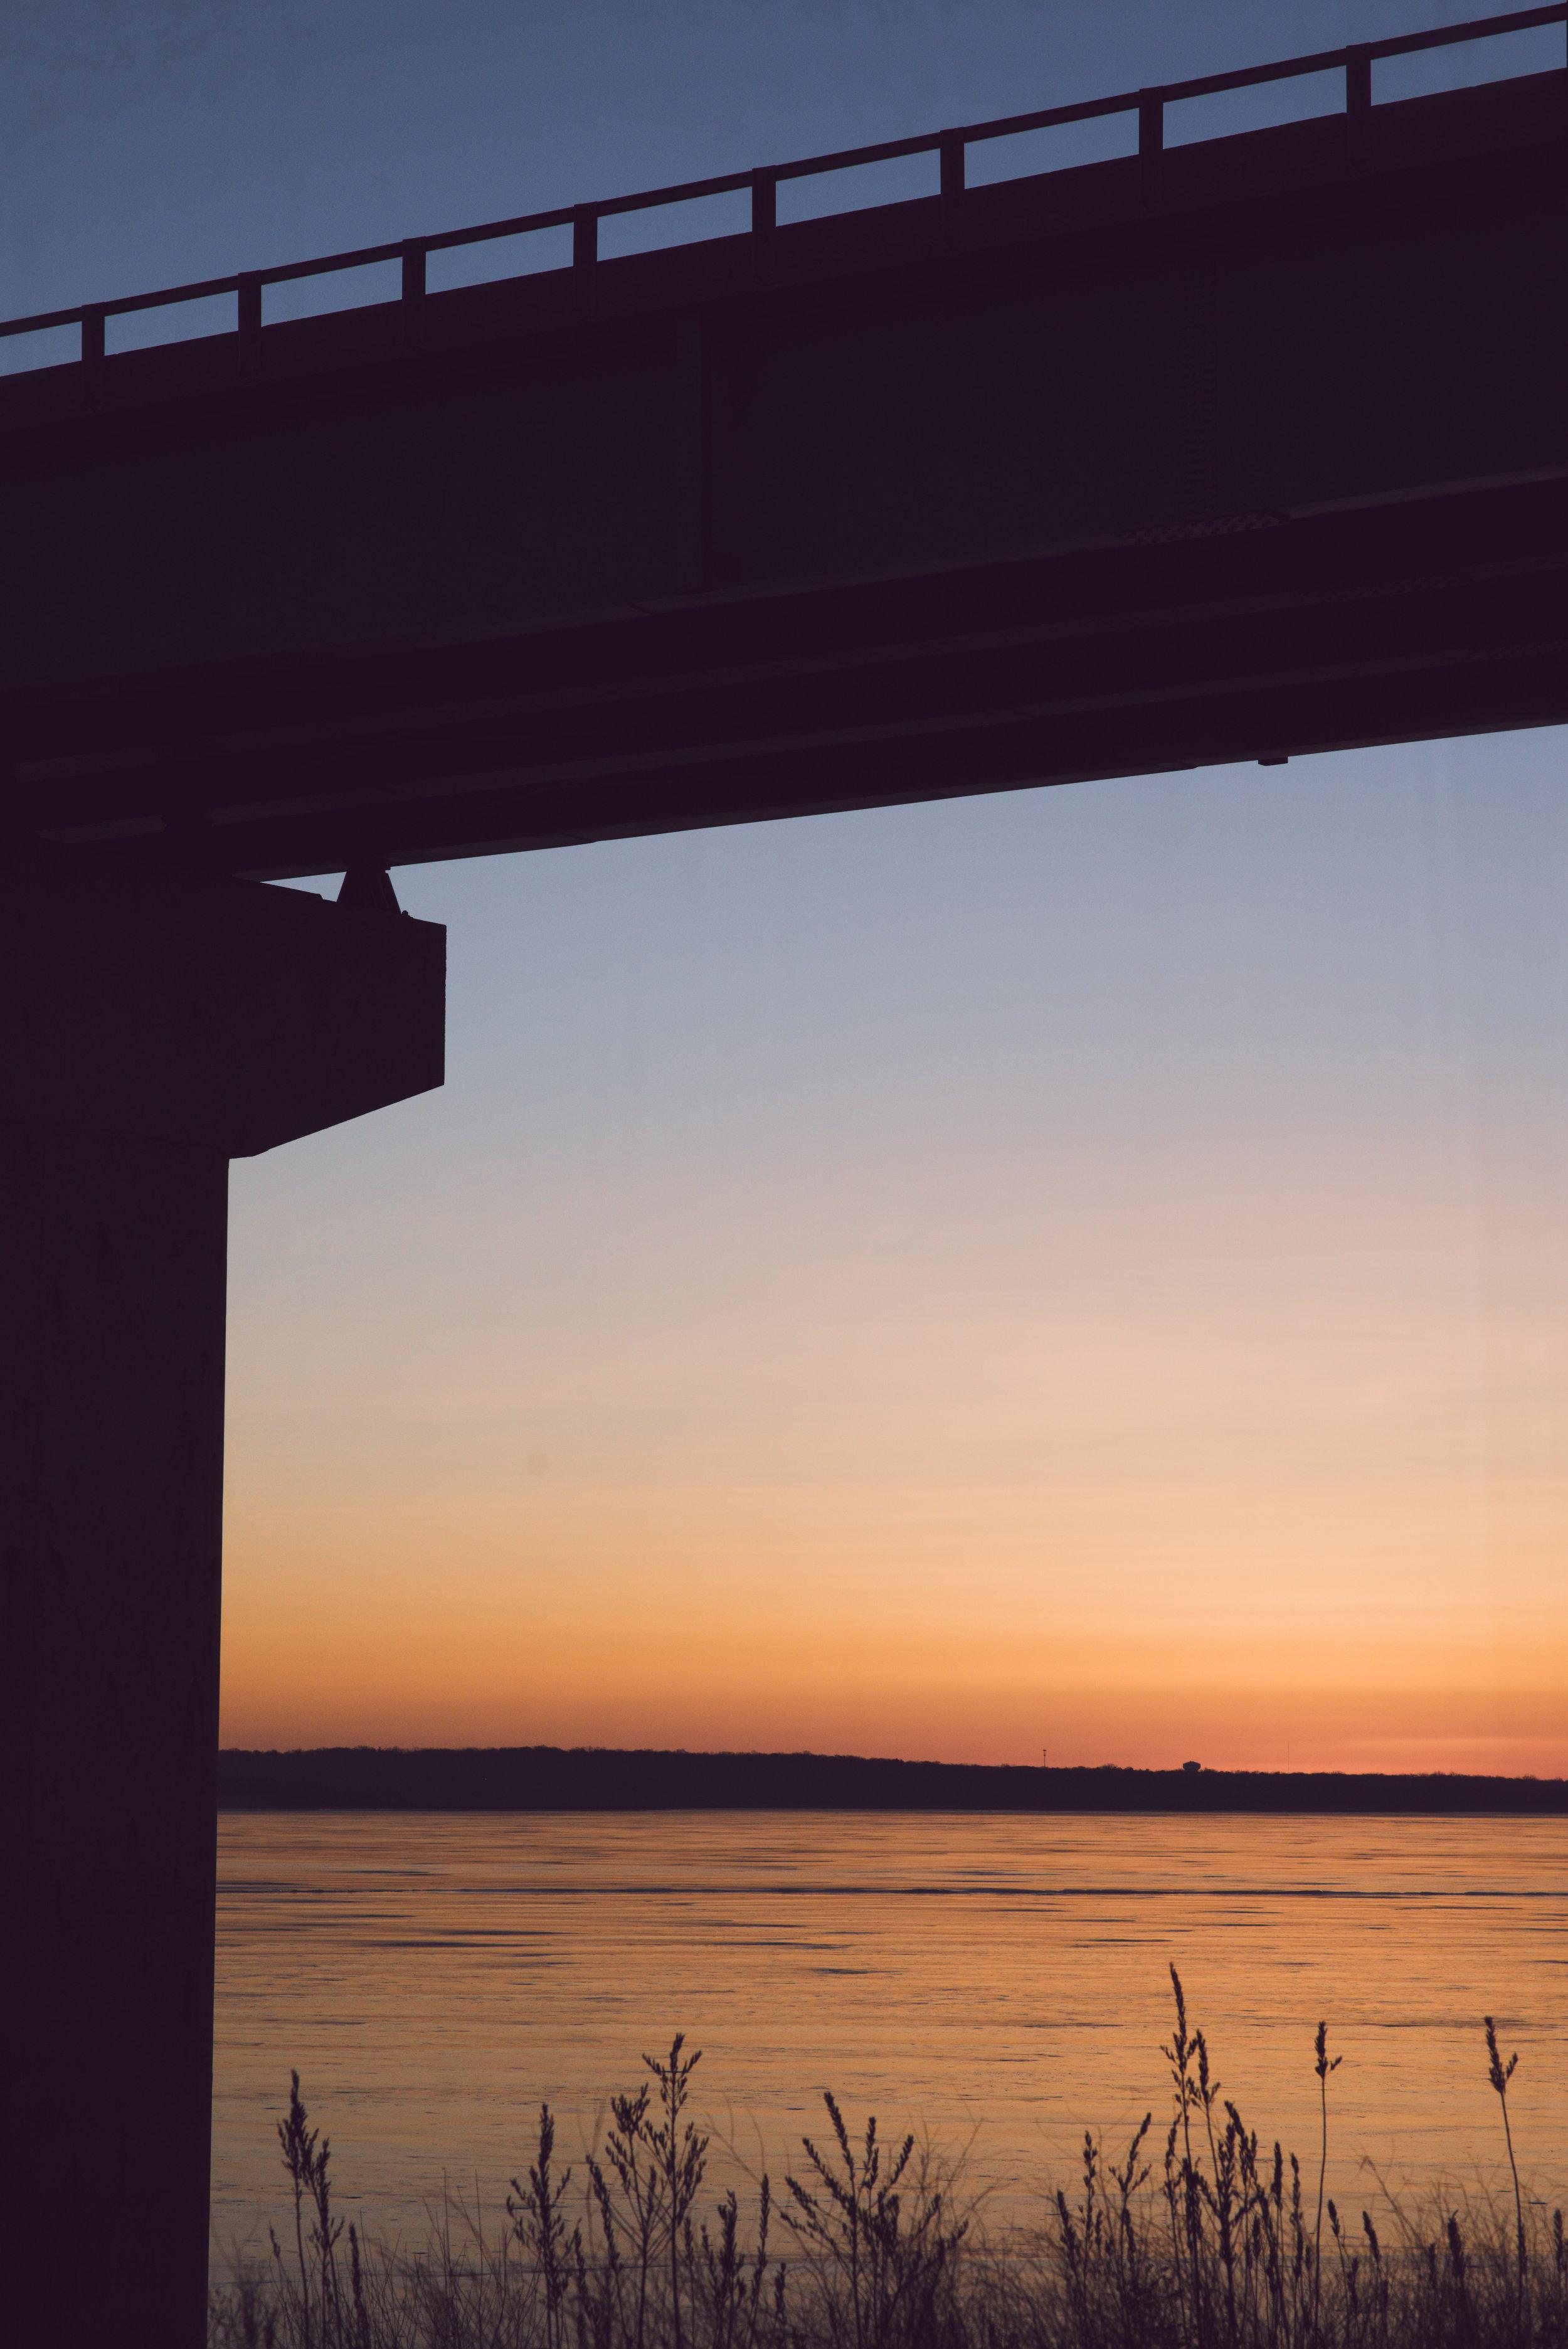 122716_morningshoot-2.jpg